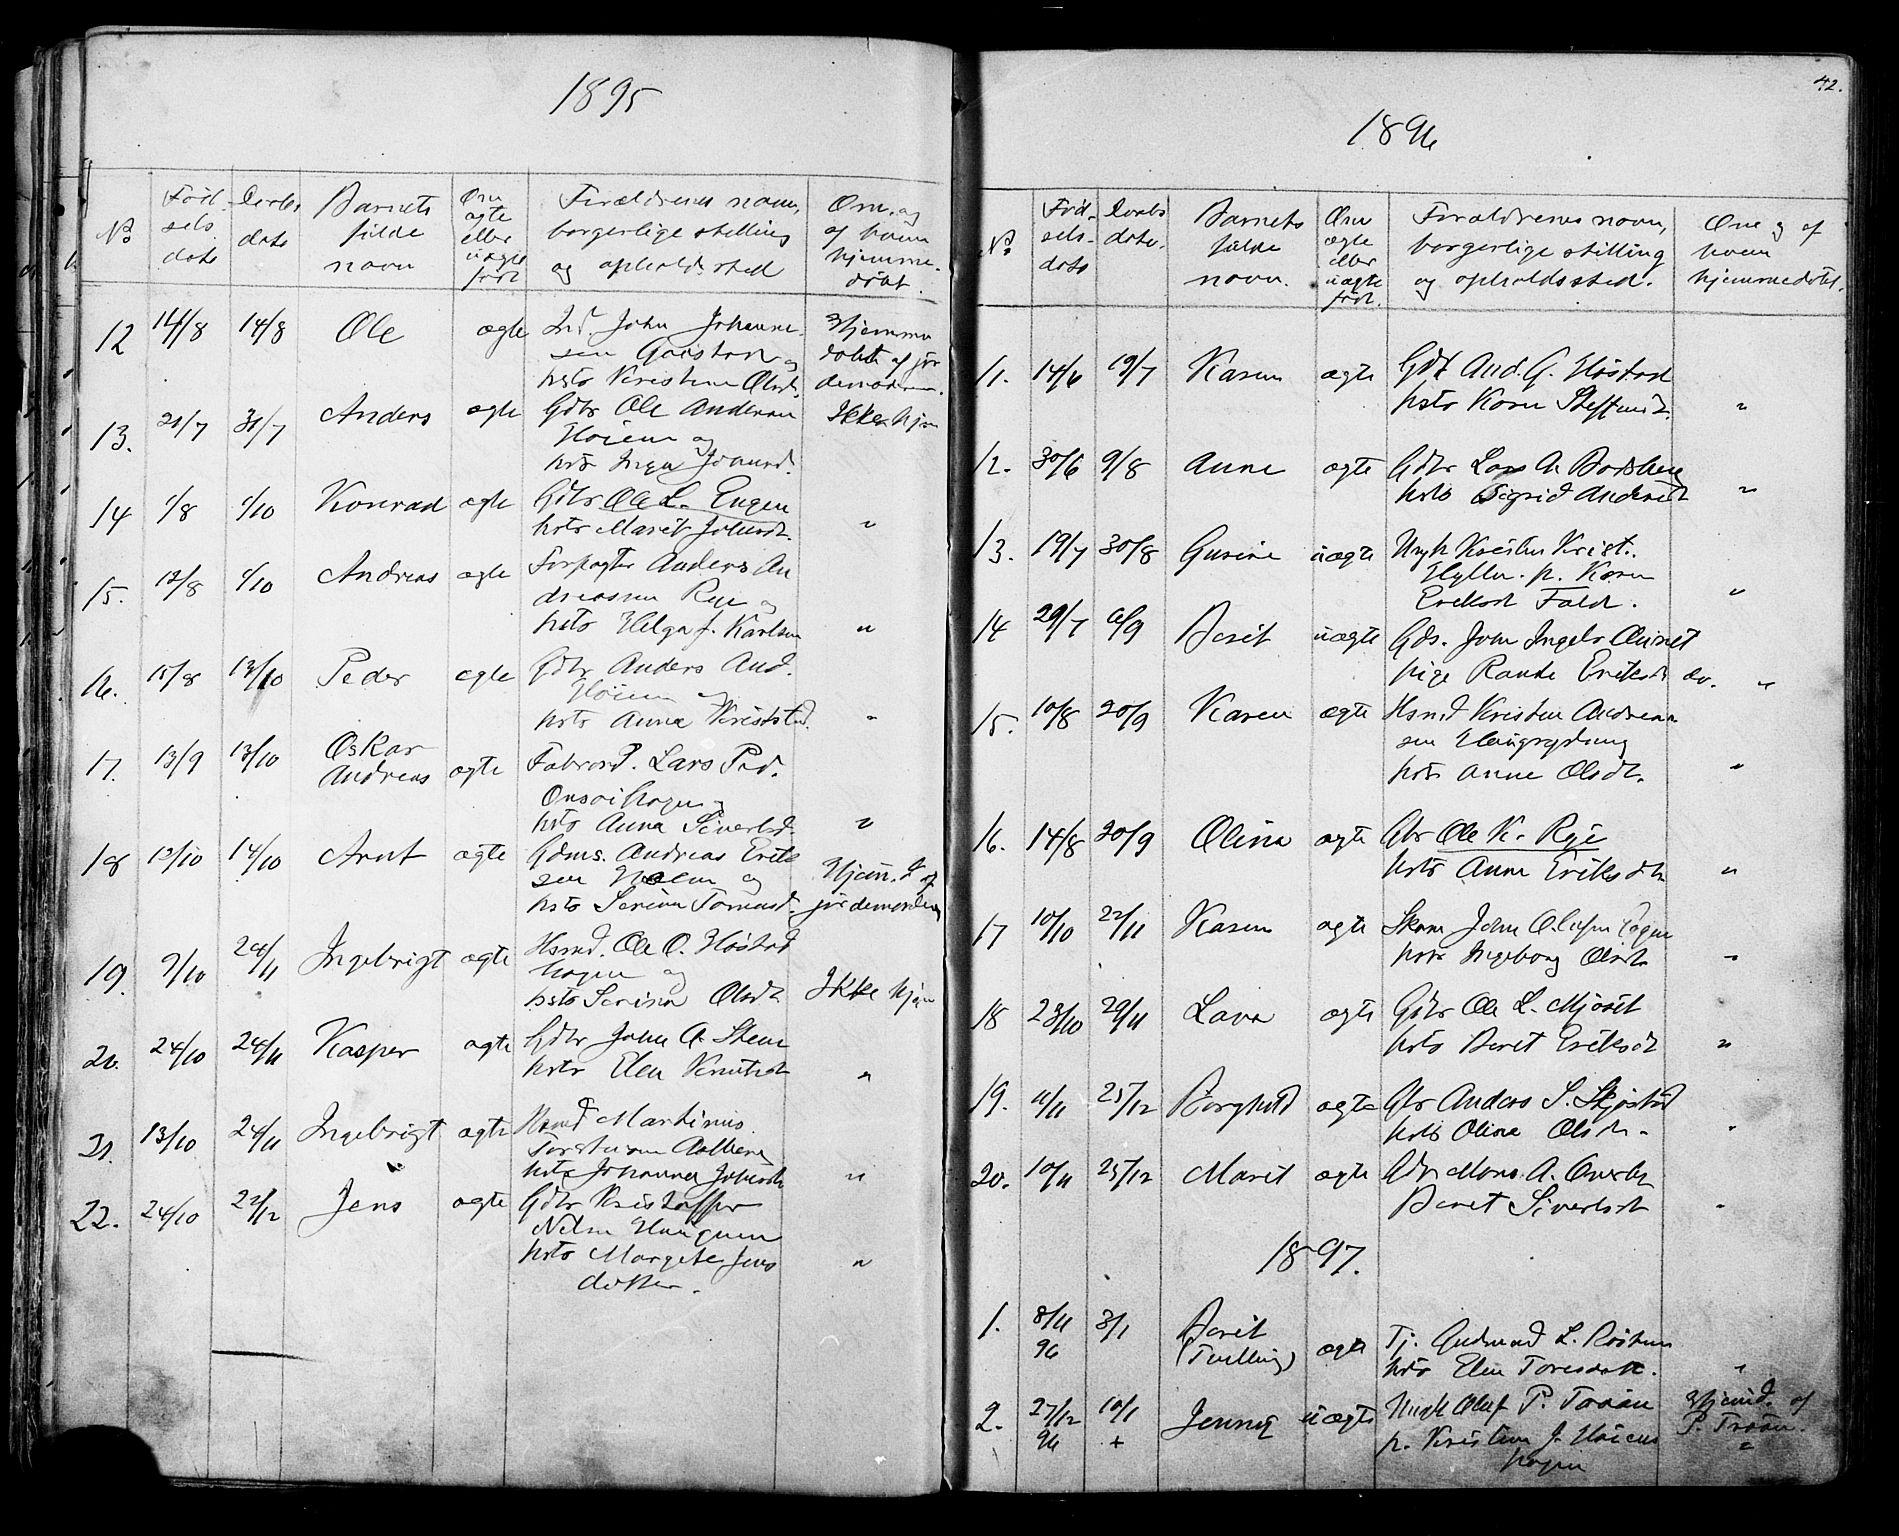 SAT, Ministerialprotokoller, klokkerbøker og fødselsregistre - Sør-Trøndelag, 612/L0387: Klokkerbok nr. 612C03, 1874-1908, s. 42